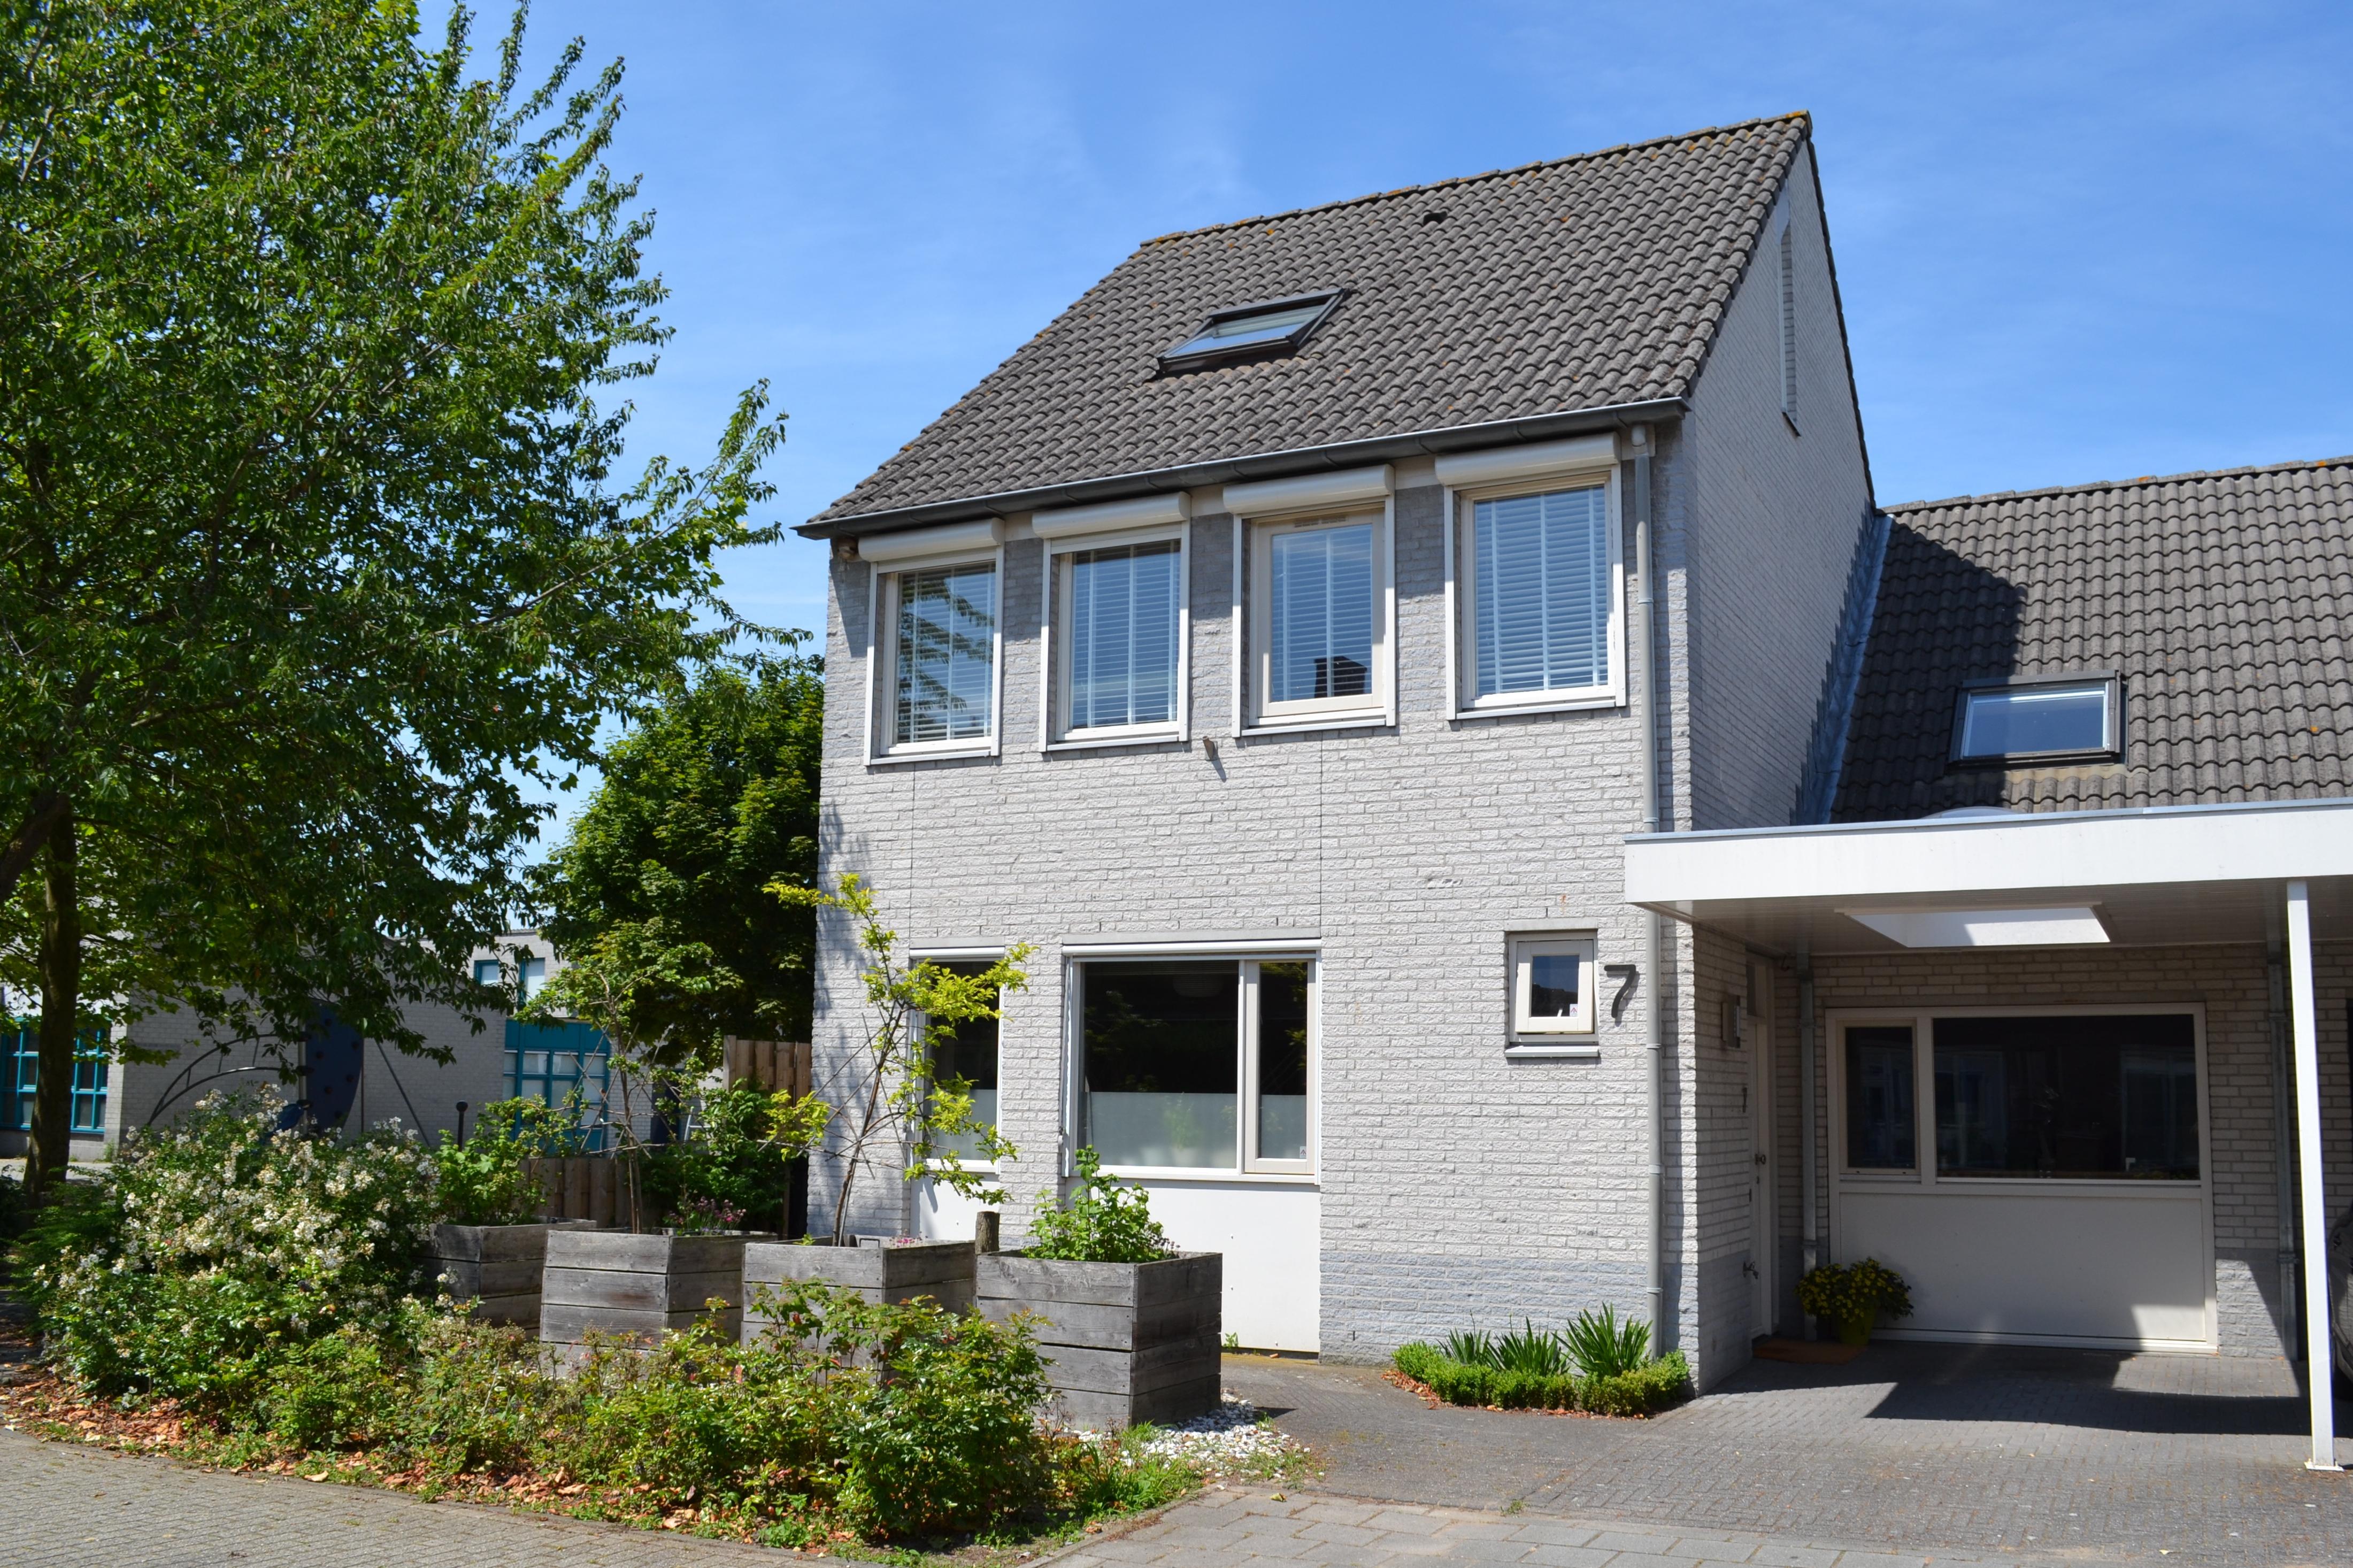 De Hoge Kamp 7 - Rosmalen - Huis te koop - Wonen & Welzijn